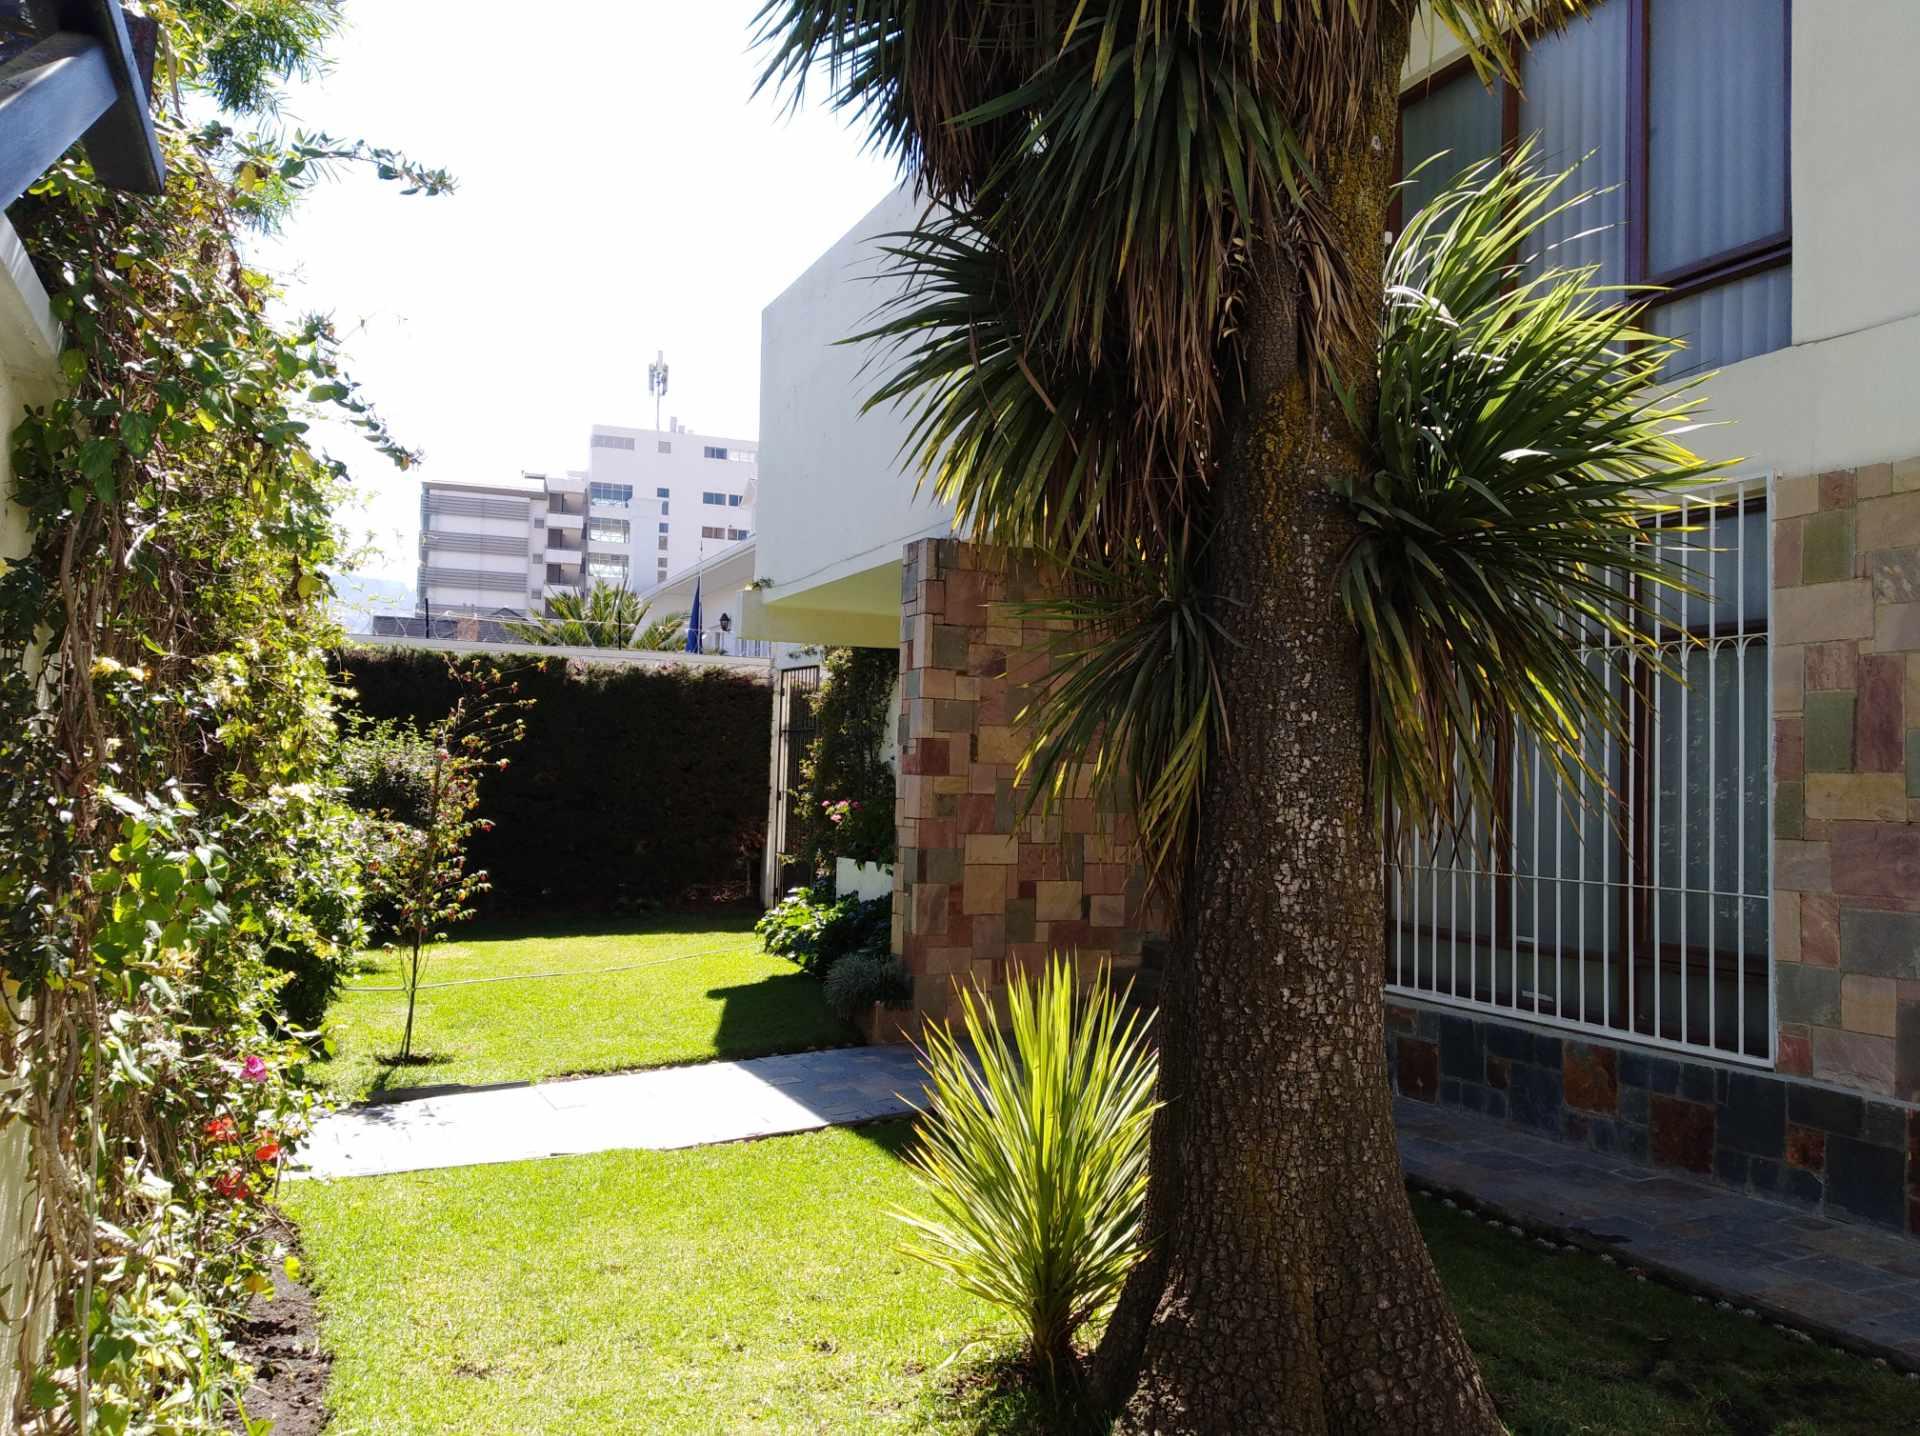 Casa en Alquiler CALACOTO calle 16 a 1/2 cuadra de la Av. Julio C. Patiño.  Foto 1